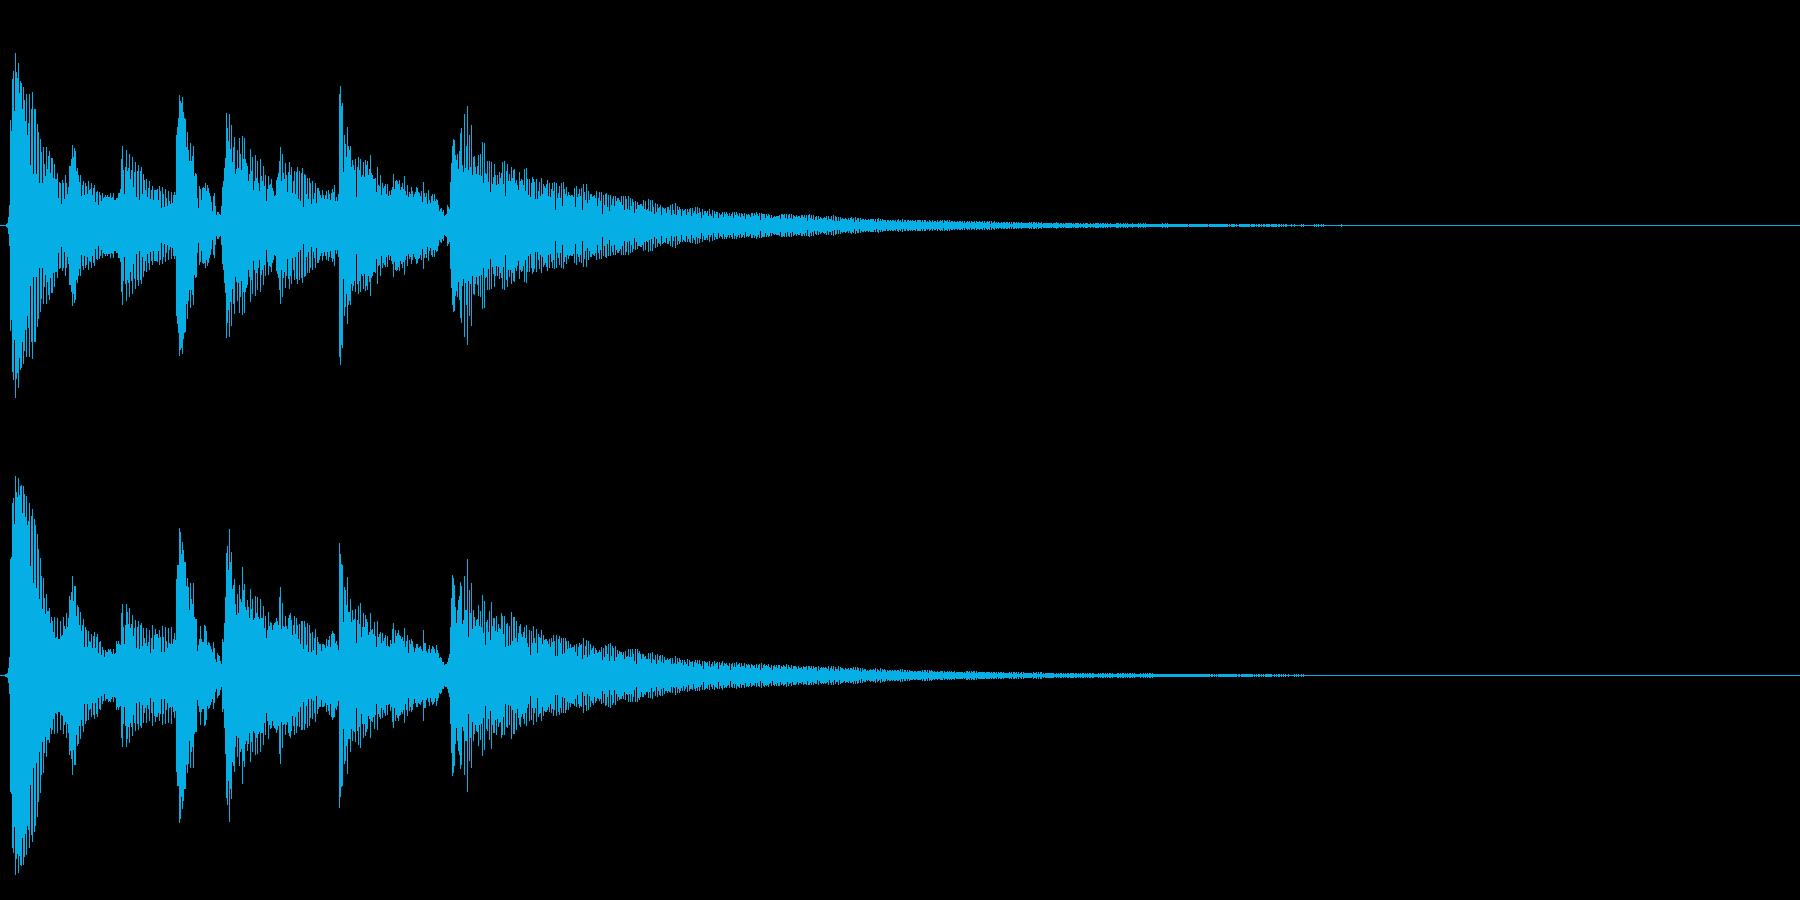 ★アコギ生音のジングル/リスタートの再生済みの波形